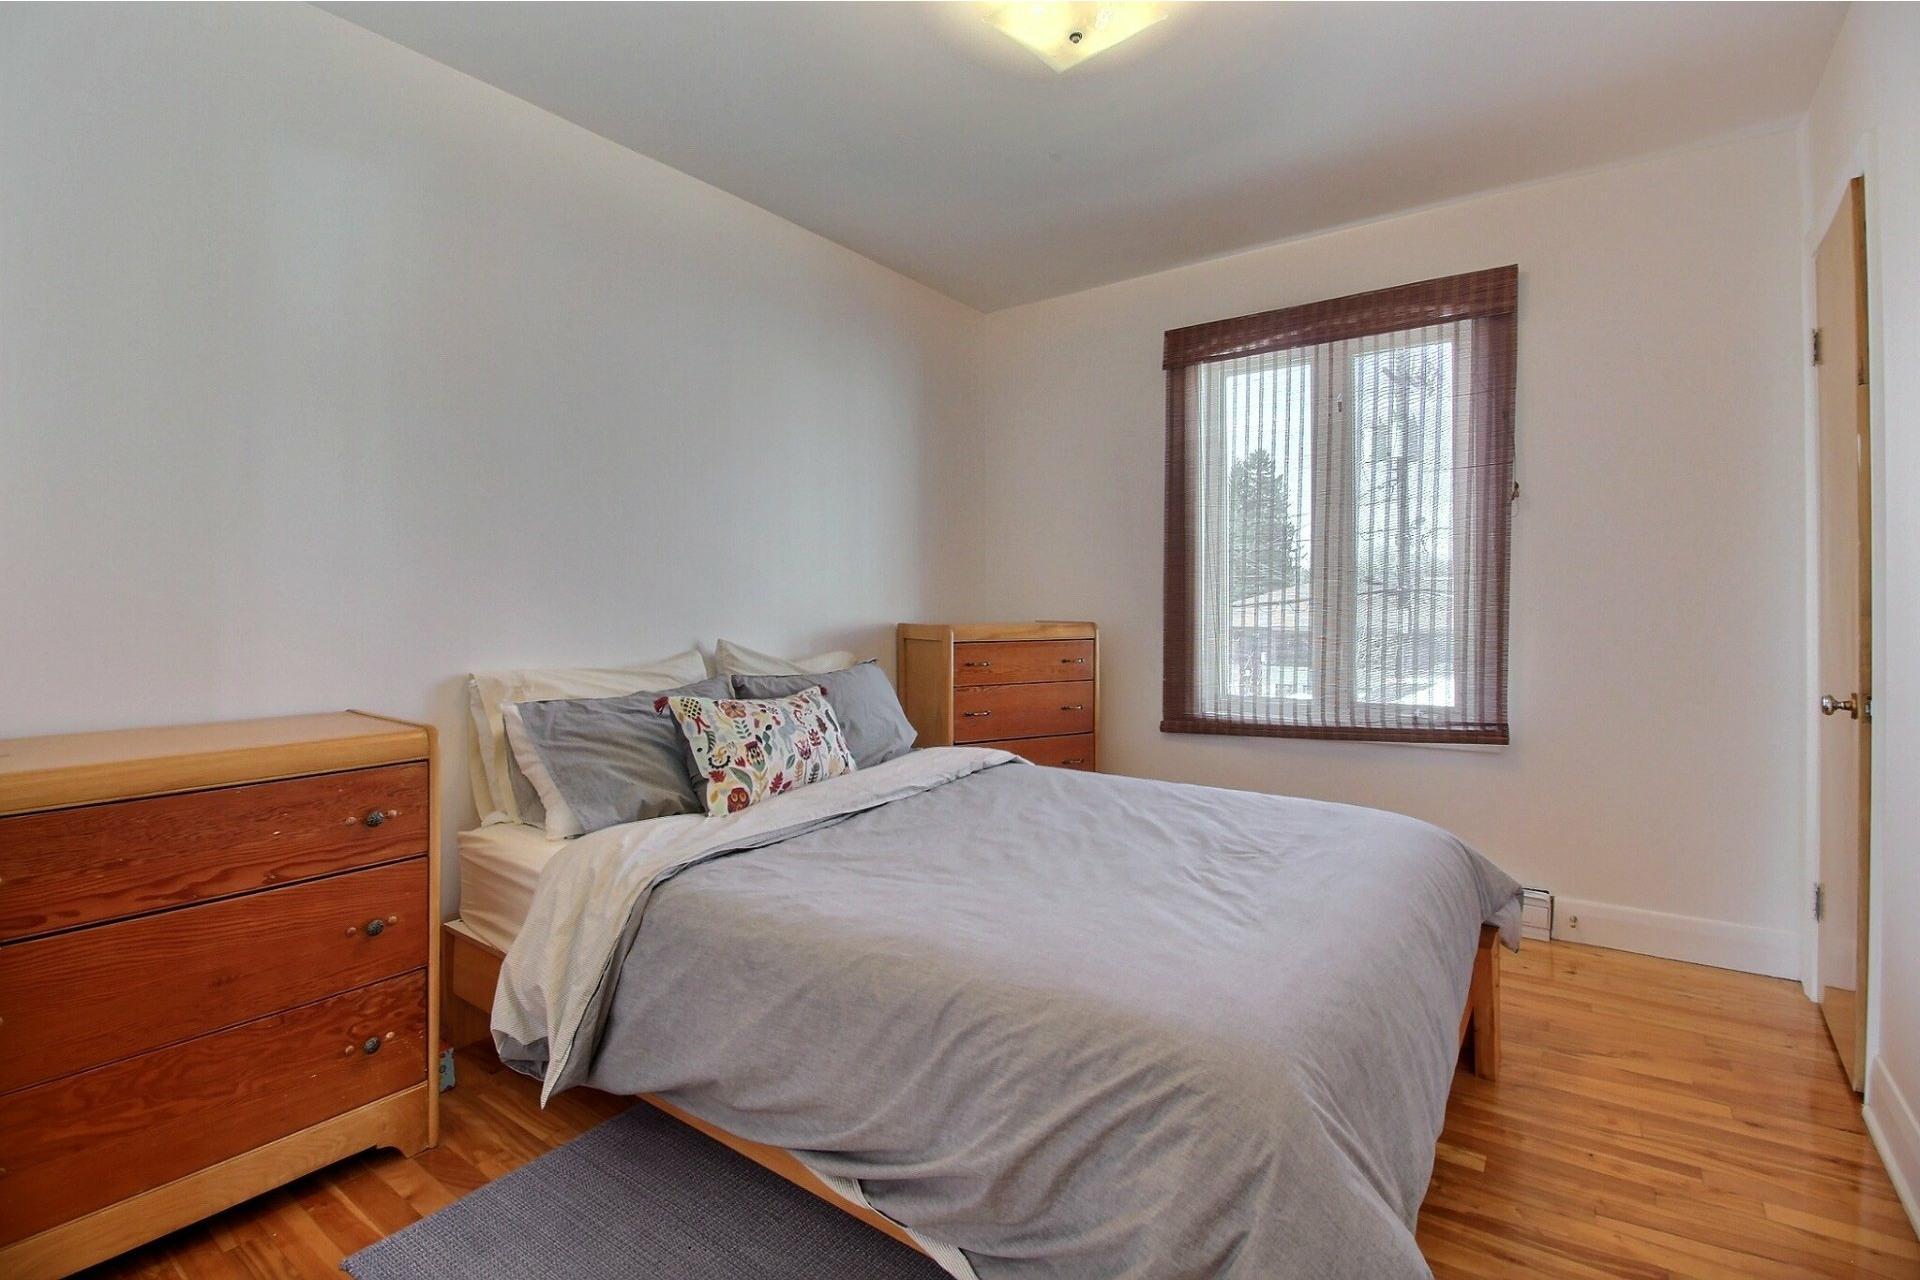 image 15 - Duplex For sale Joliette - 5 rooms